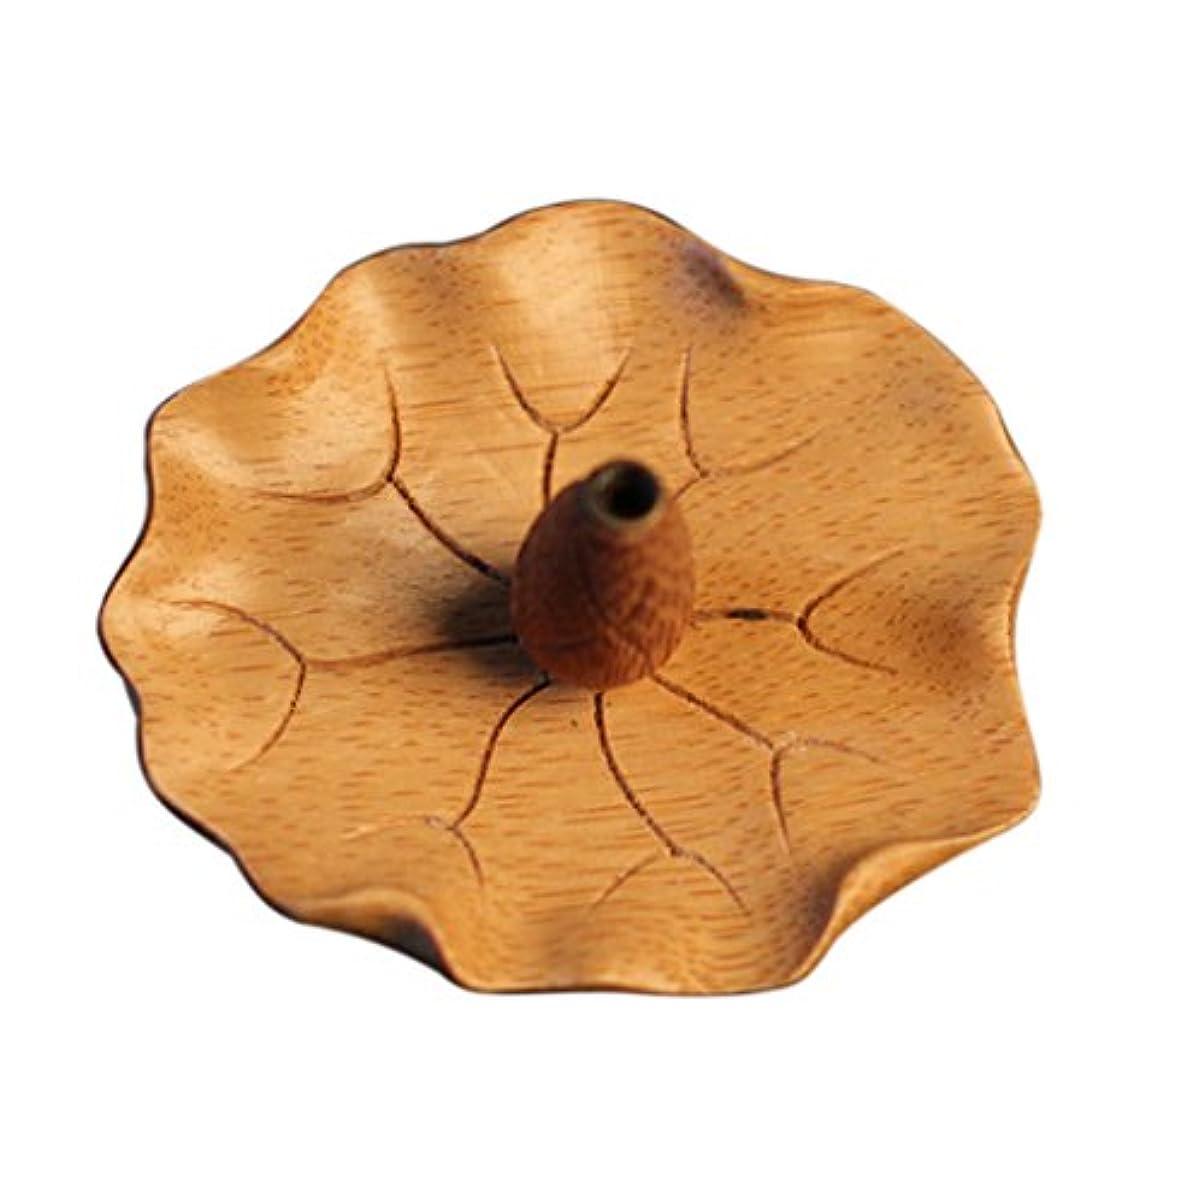 マージンウルル傷つきやすい蓮花形 香皿 竹製 お香立て スティック用 1穴 バーナー ホルダー